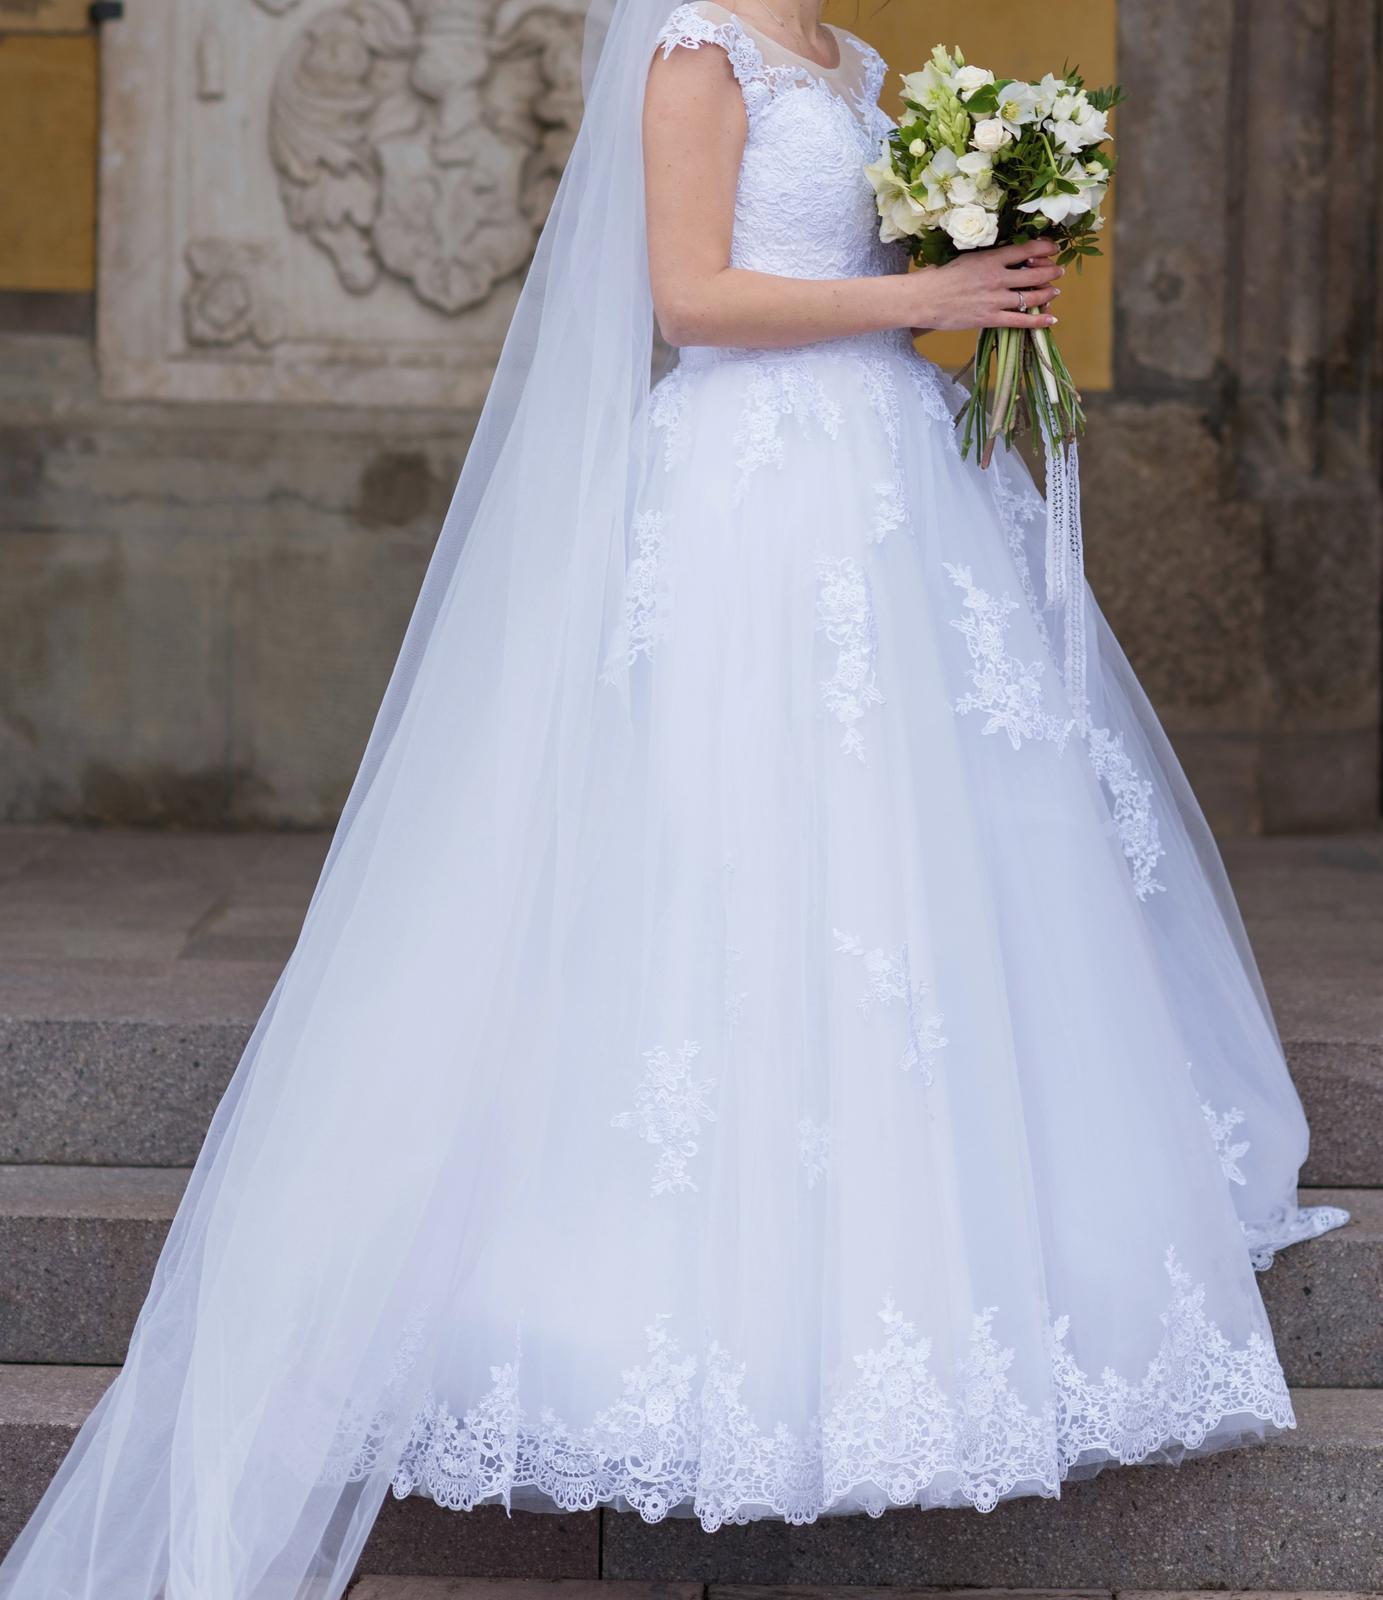 svadobné šaty v. 34-38 - Obrázok č. 3